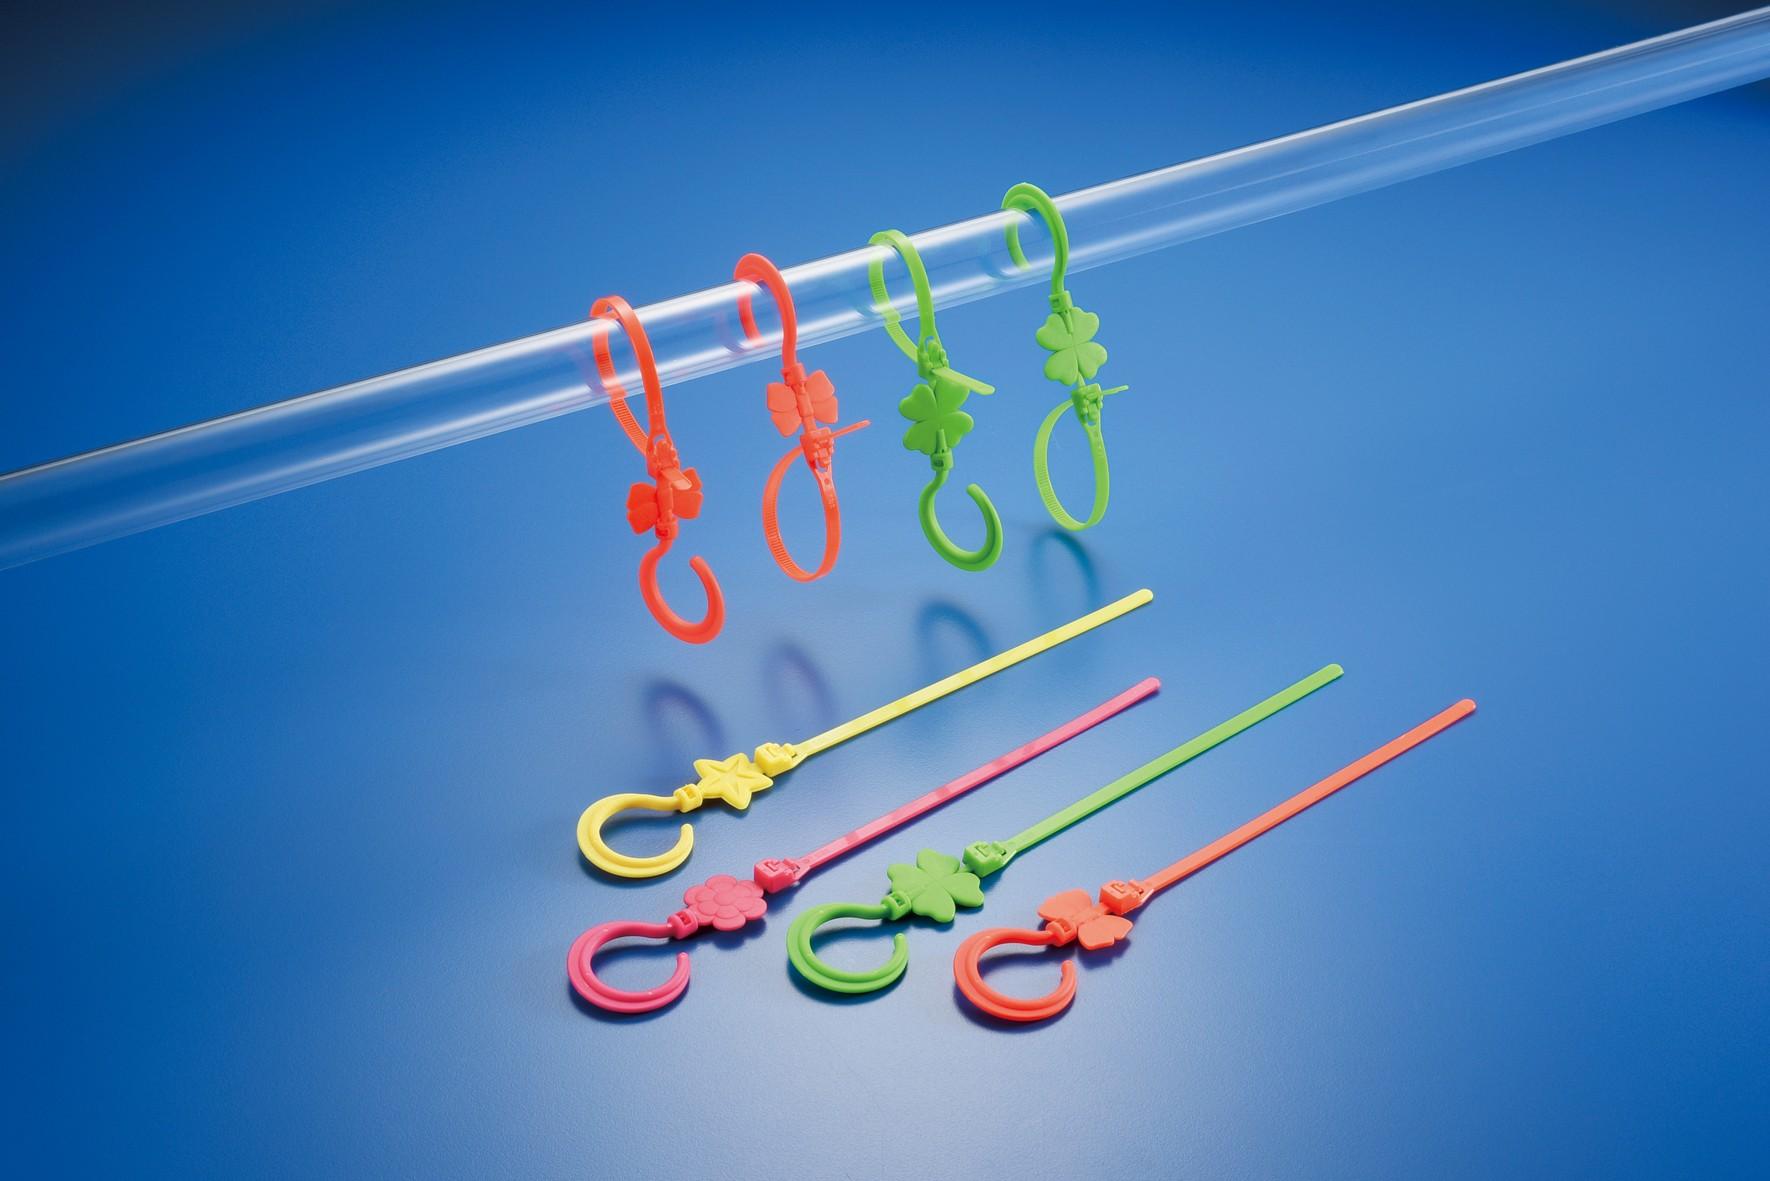 Hook tie